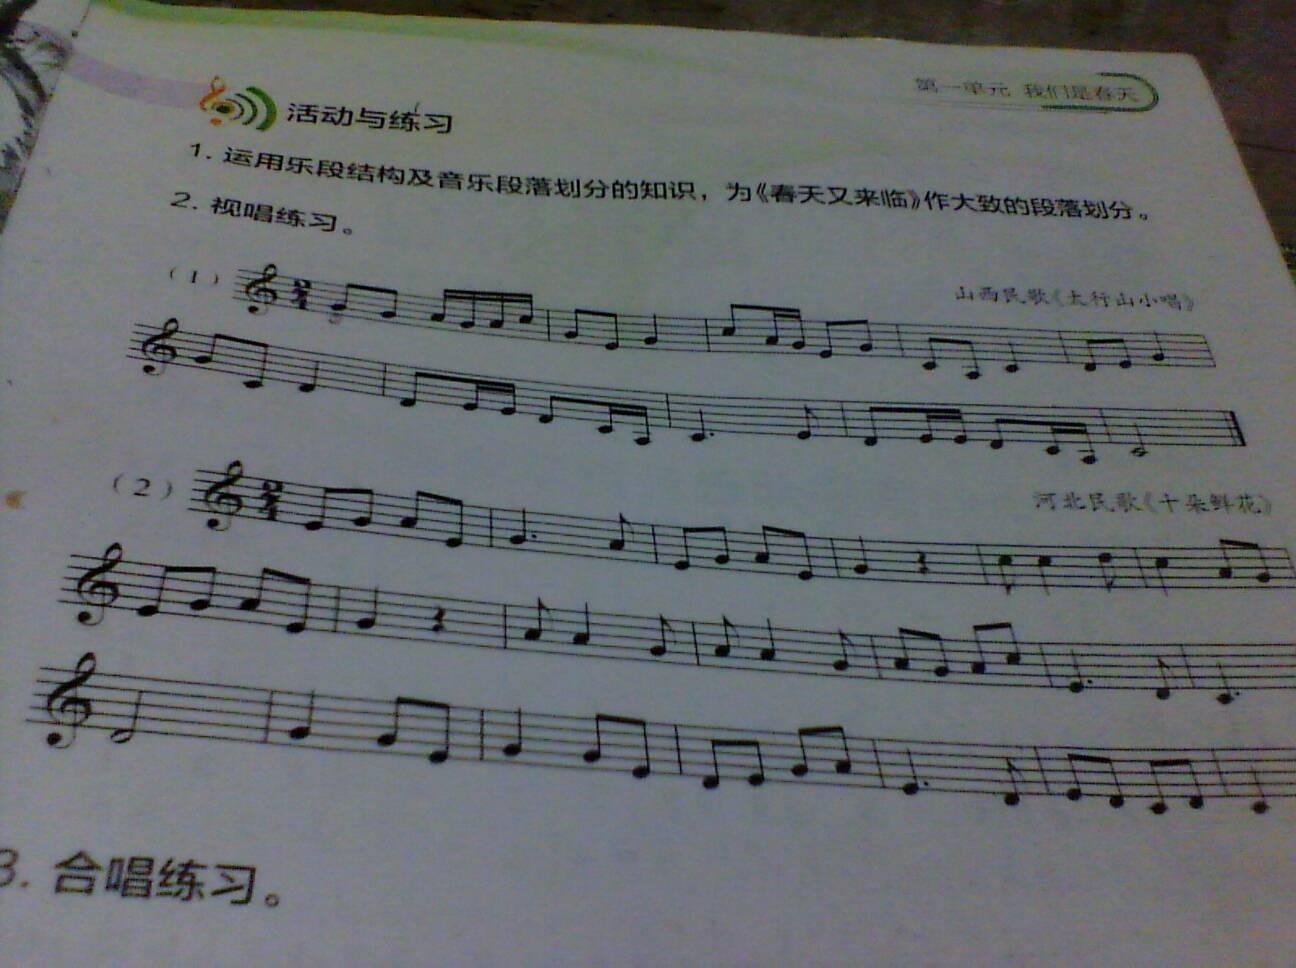 钢琴曲四数字简谱分享展示图片